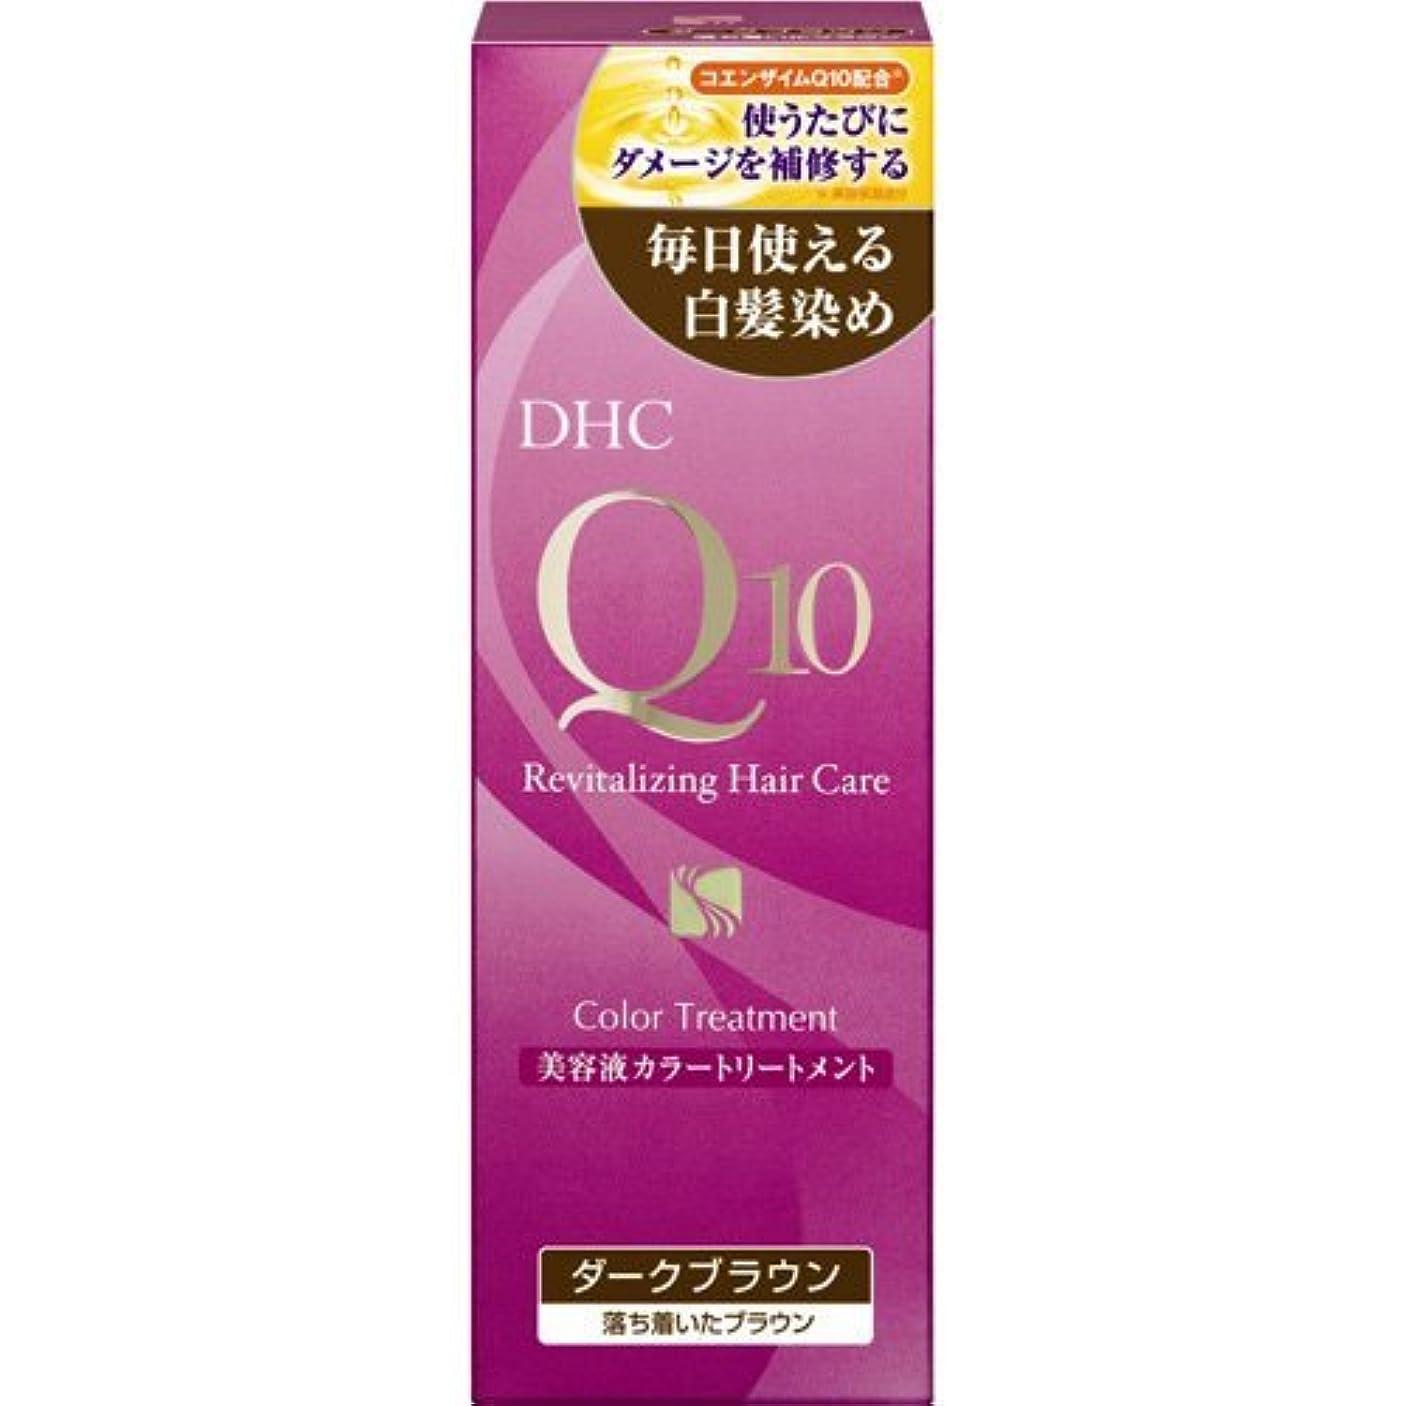 クリップ蝶仮装ご注意【まとめ買い】DHC Q10美溶液カラートリートメントDブラウンSS170g ×5個